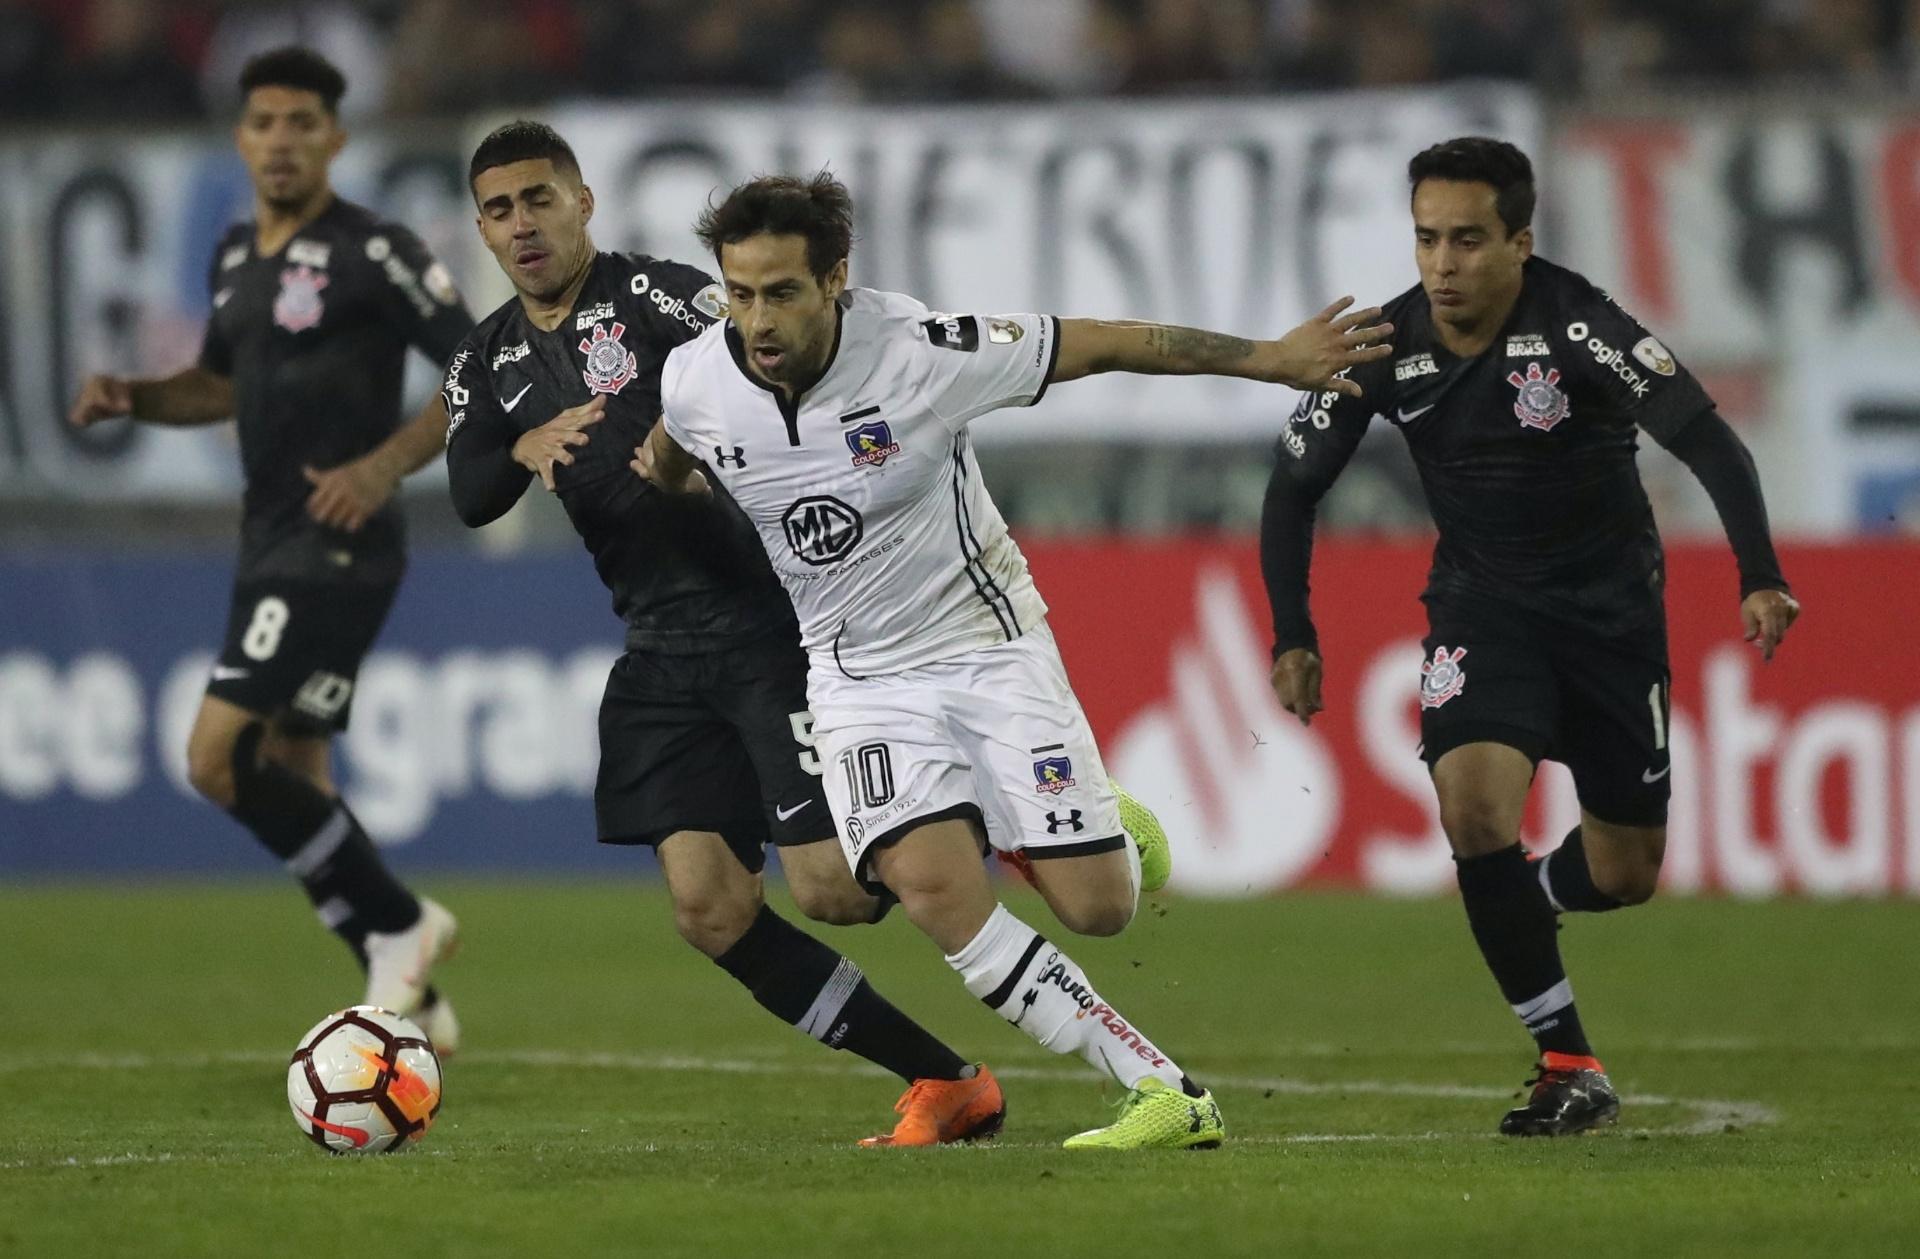 b5cfa612a4 Valdivia faz elogios a Cássio após comandar vitória sobre o Corinthians -  09 08 2018 - UOL Esporte